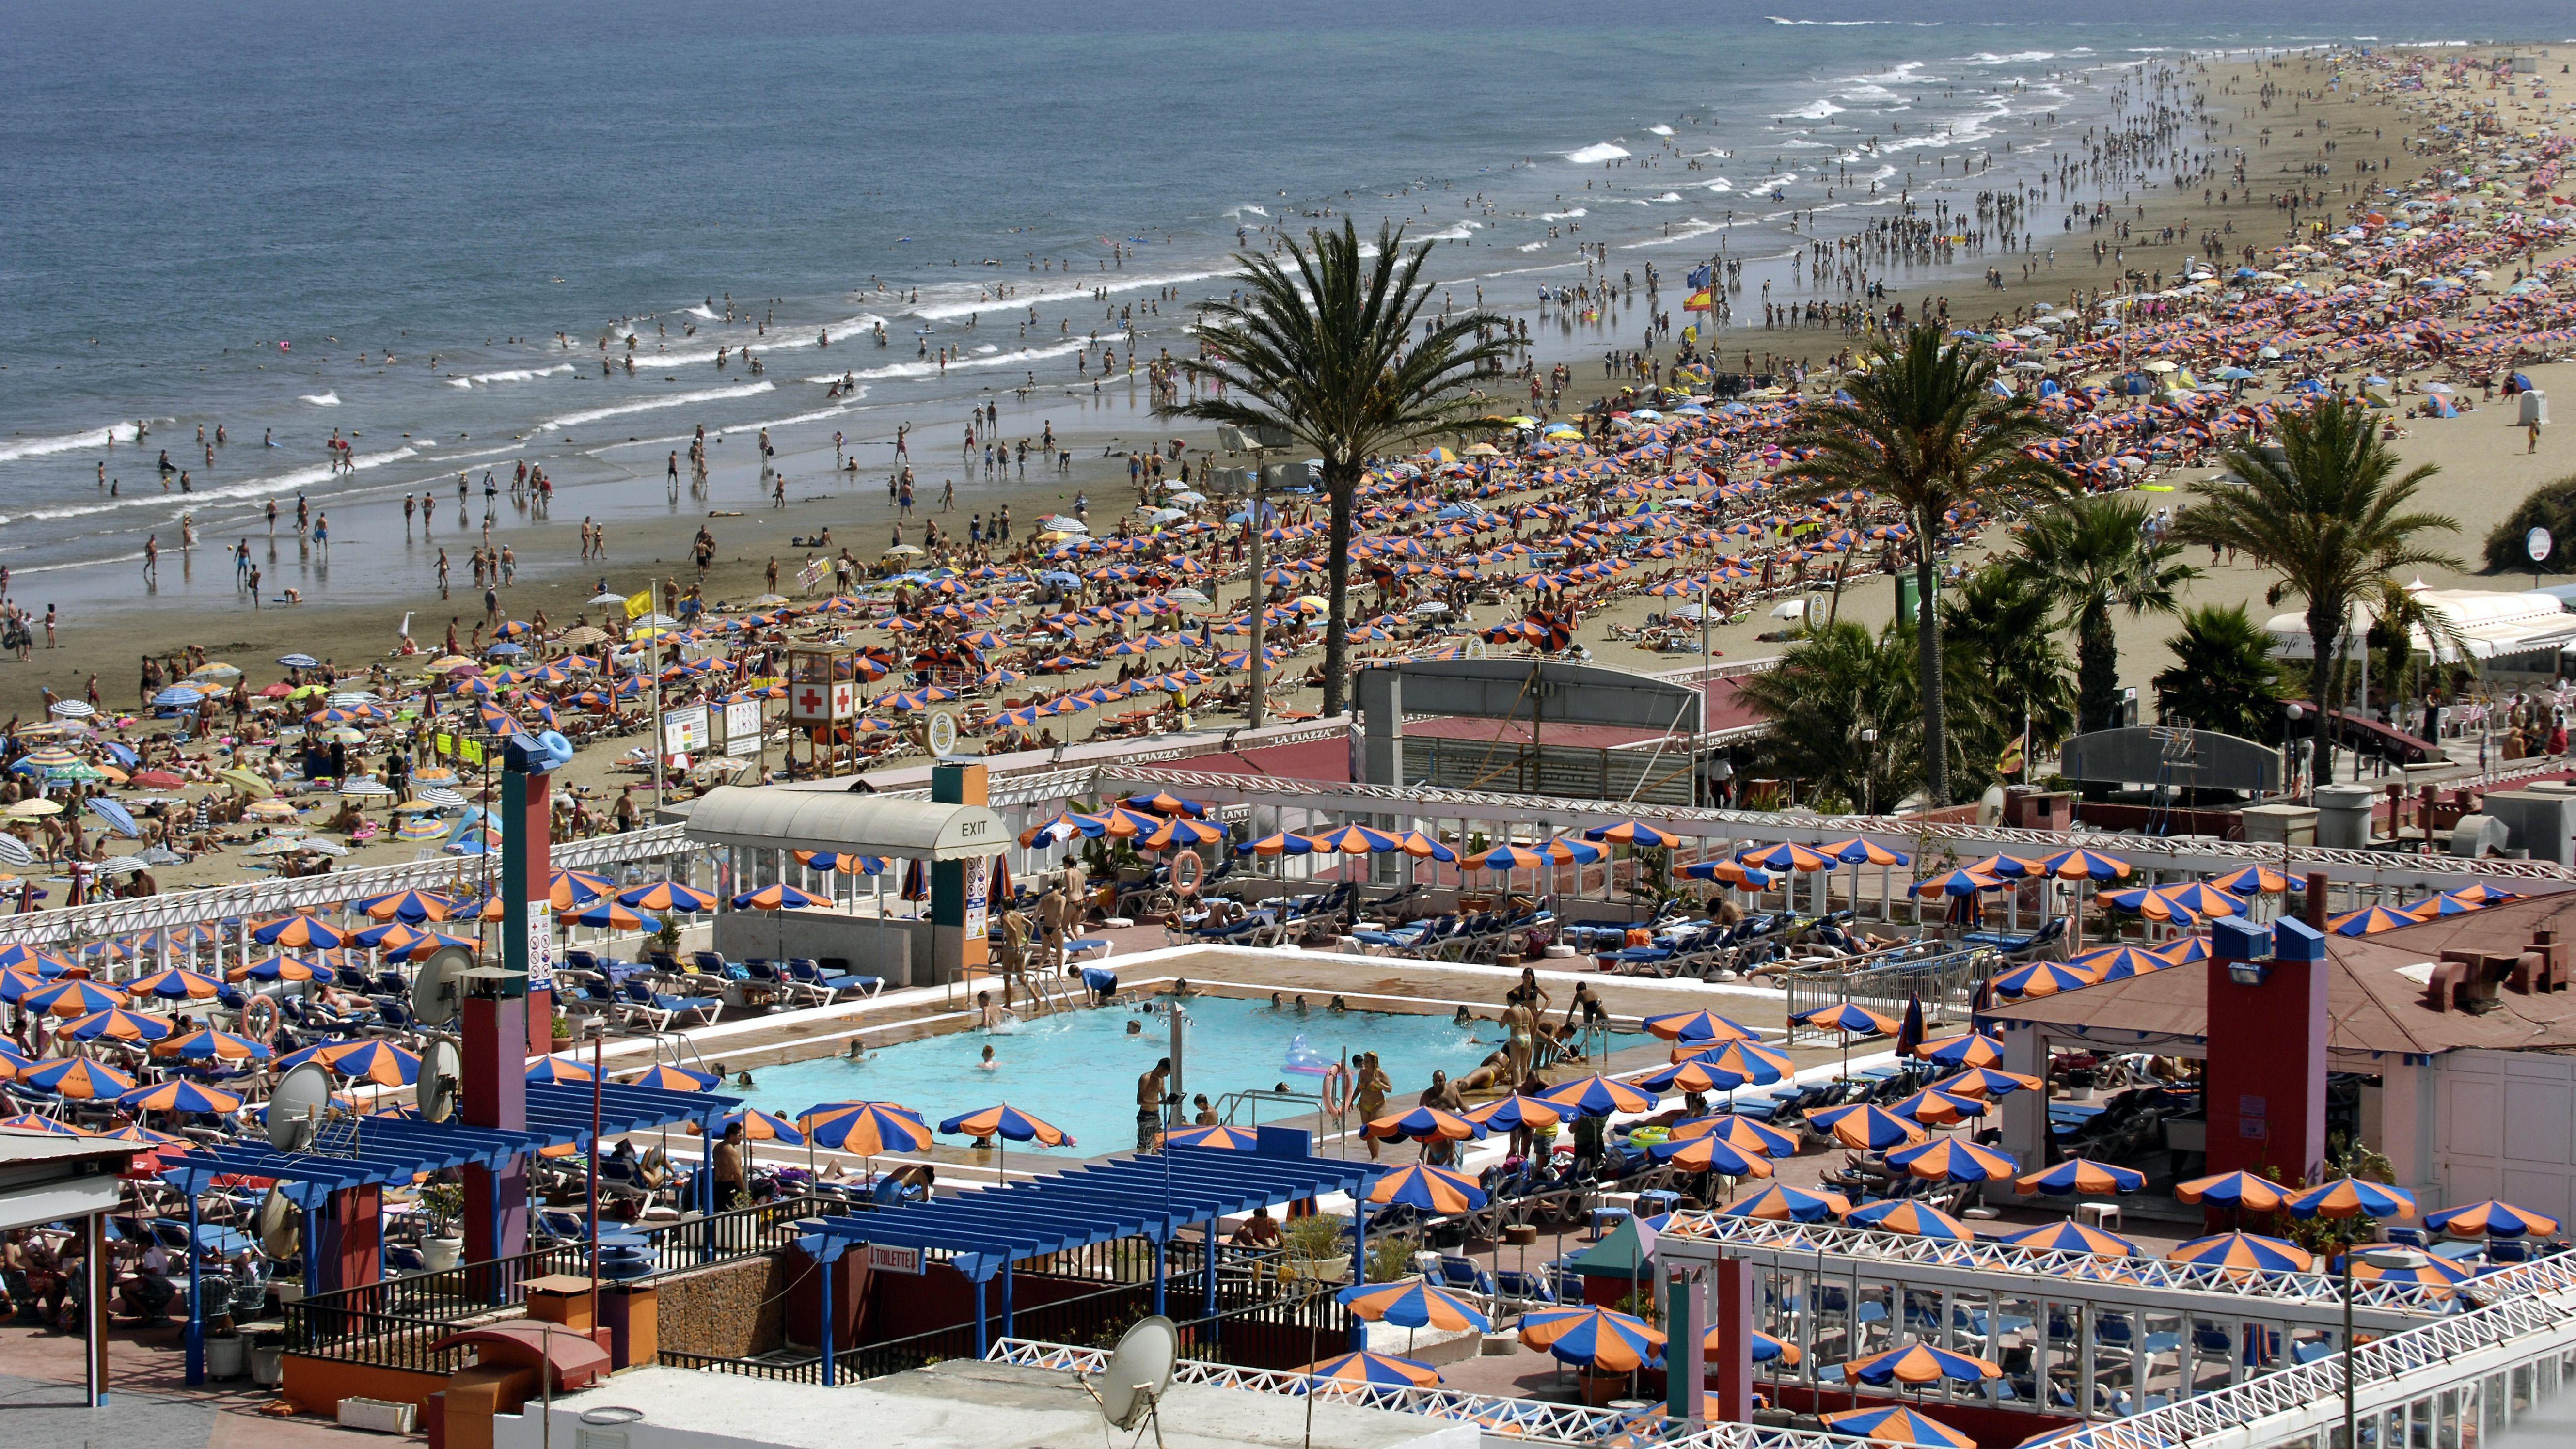 Strand von Playa del Ingles, Kanaren, Gran Canaria